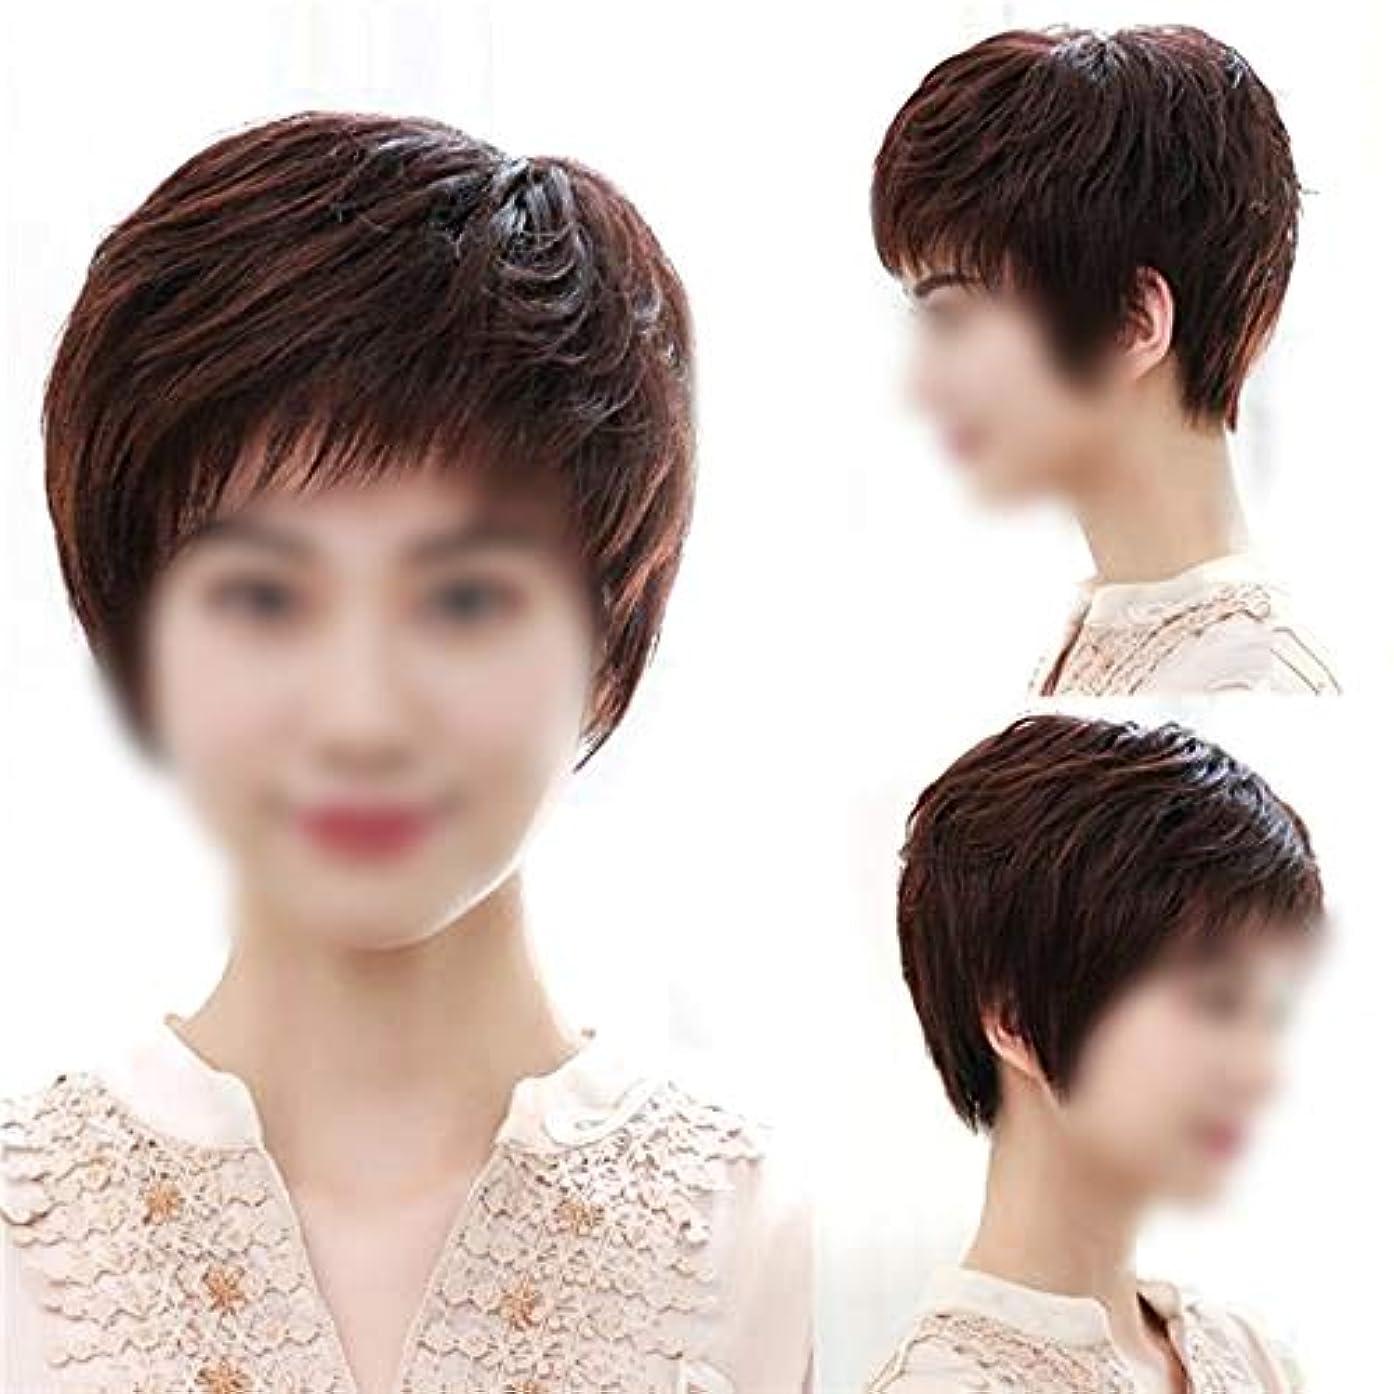 記憶前文病気のYOUQIU 女子ダークブラウンショートヘア中年手織りの実髪の髪の自然のリアルなウィッグウィッグ (色 : Natural black)